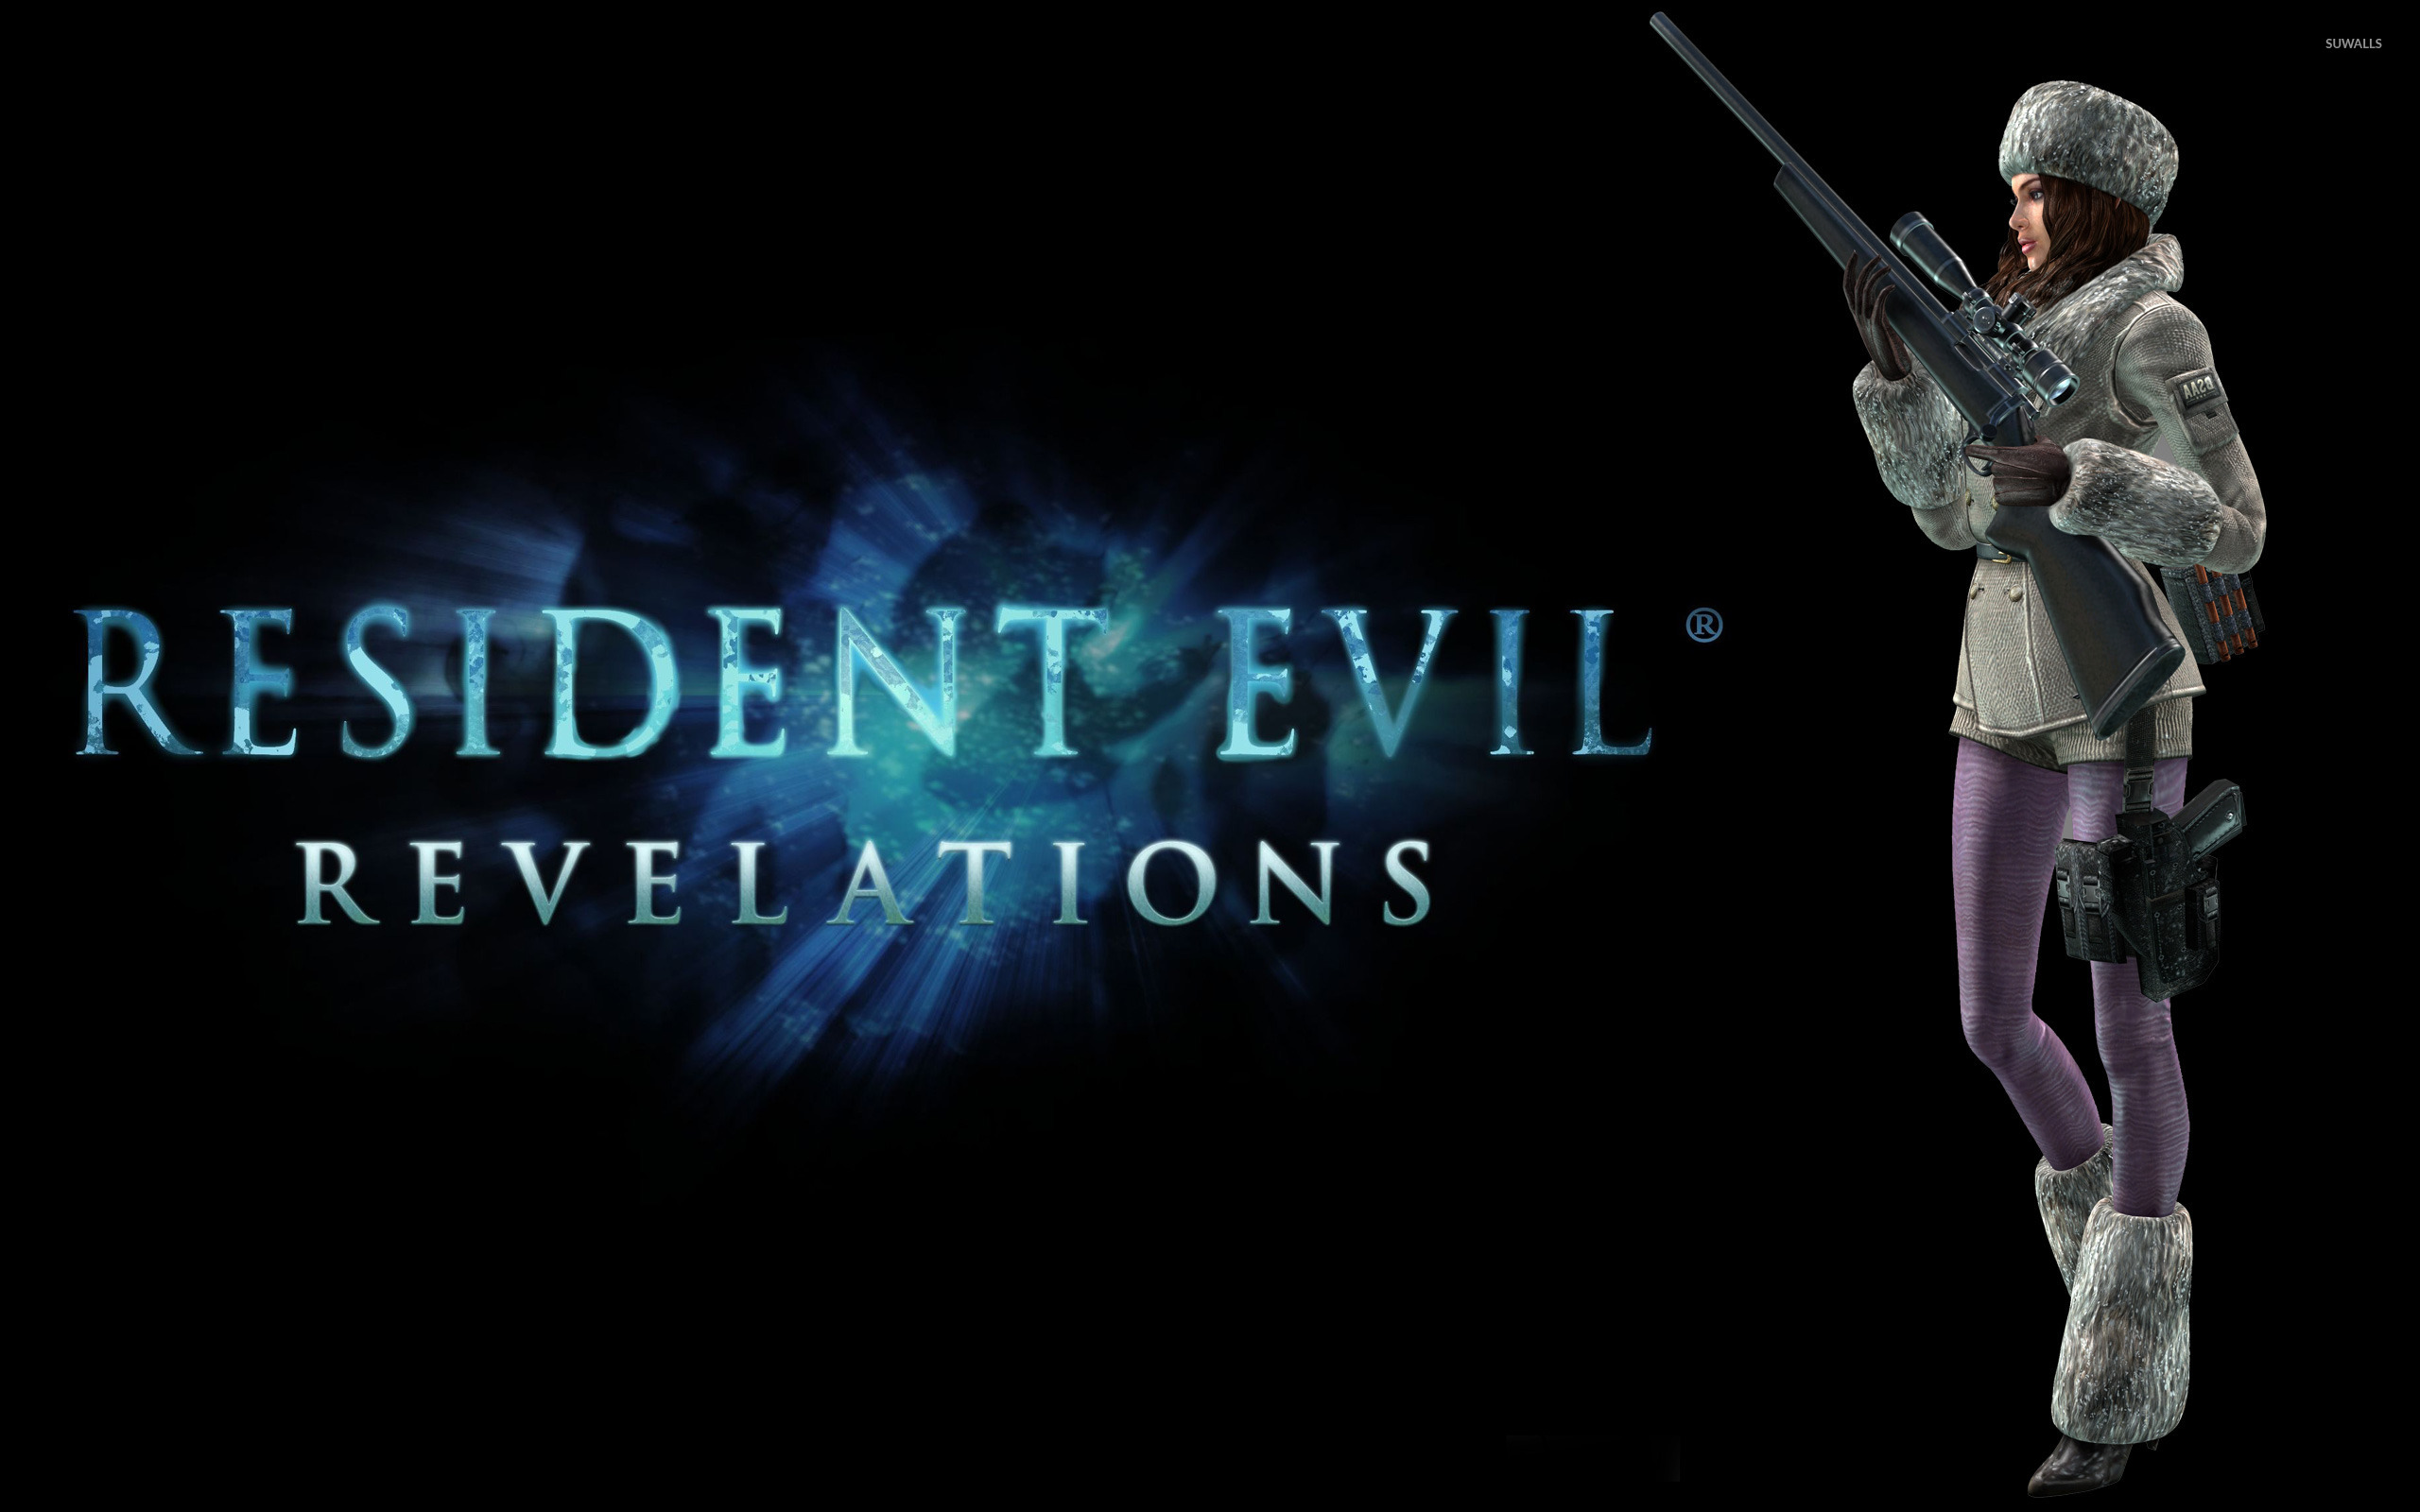 Jessica Sherawat Resident Evil Revelations Wallpaper